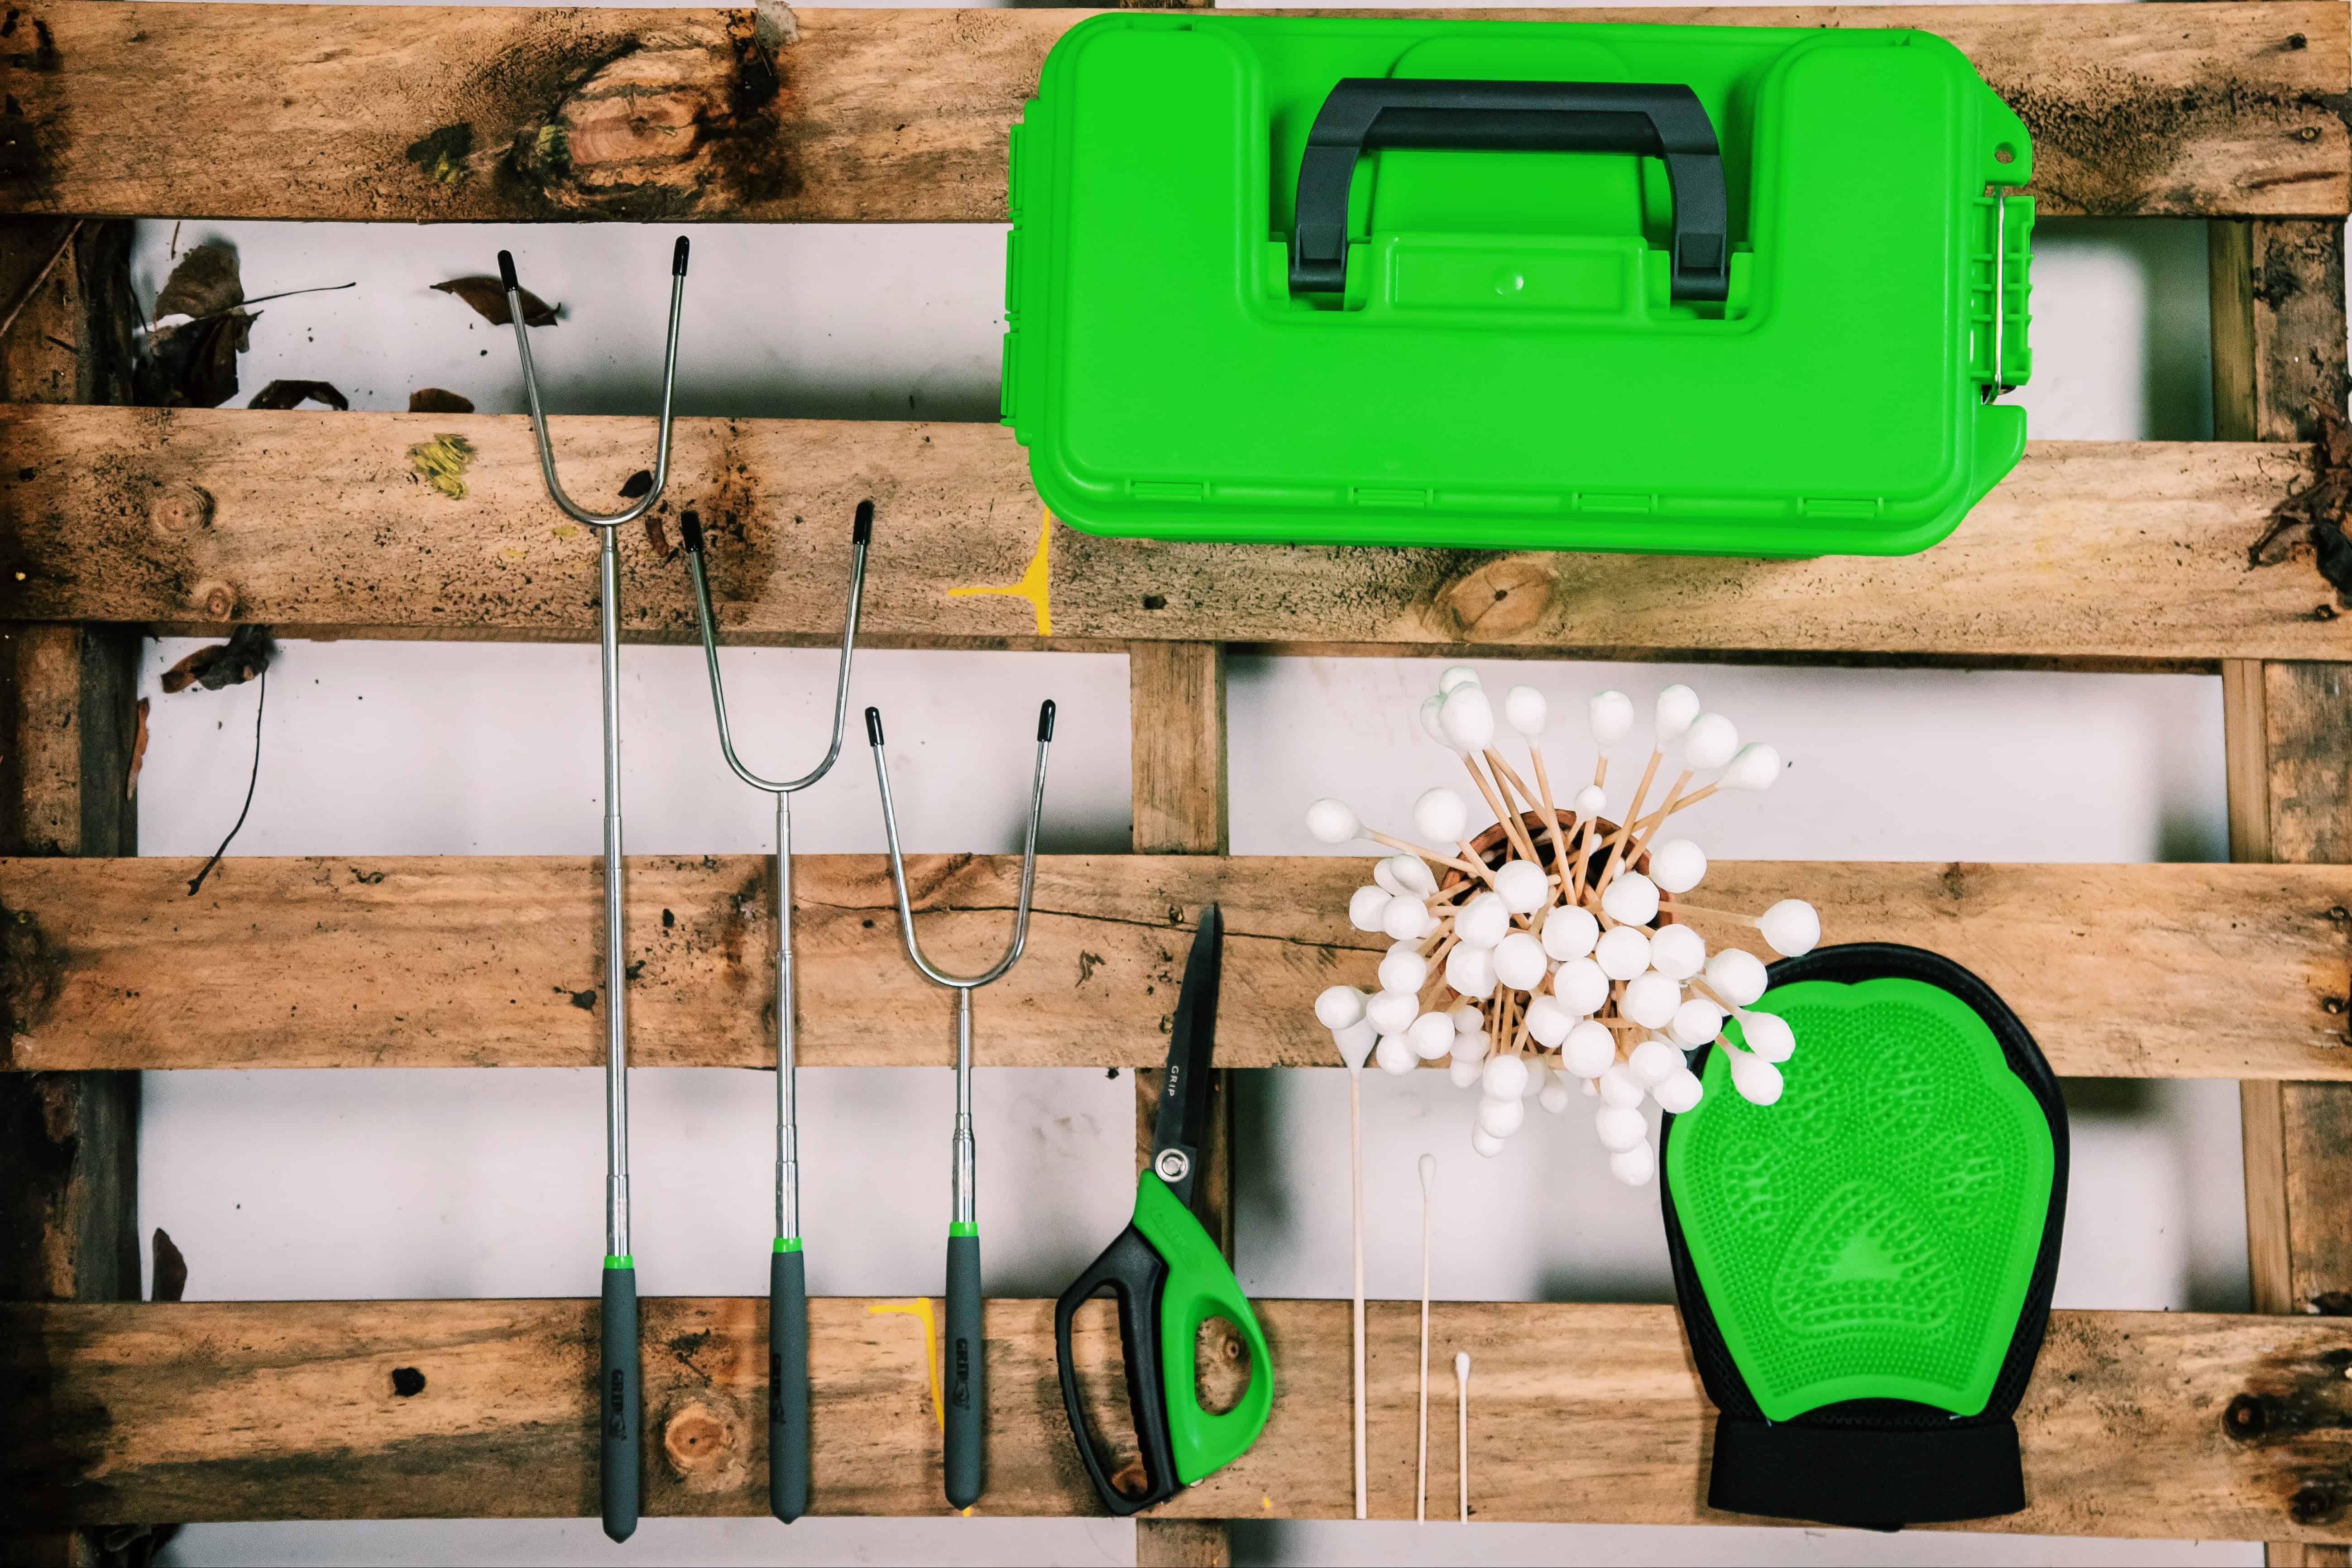 12-shed-storage-ideas-7-wood-pallet-garden-tool-holder-unsplash